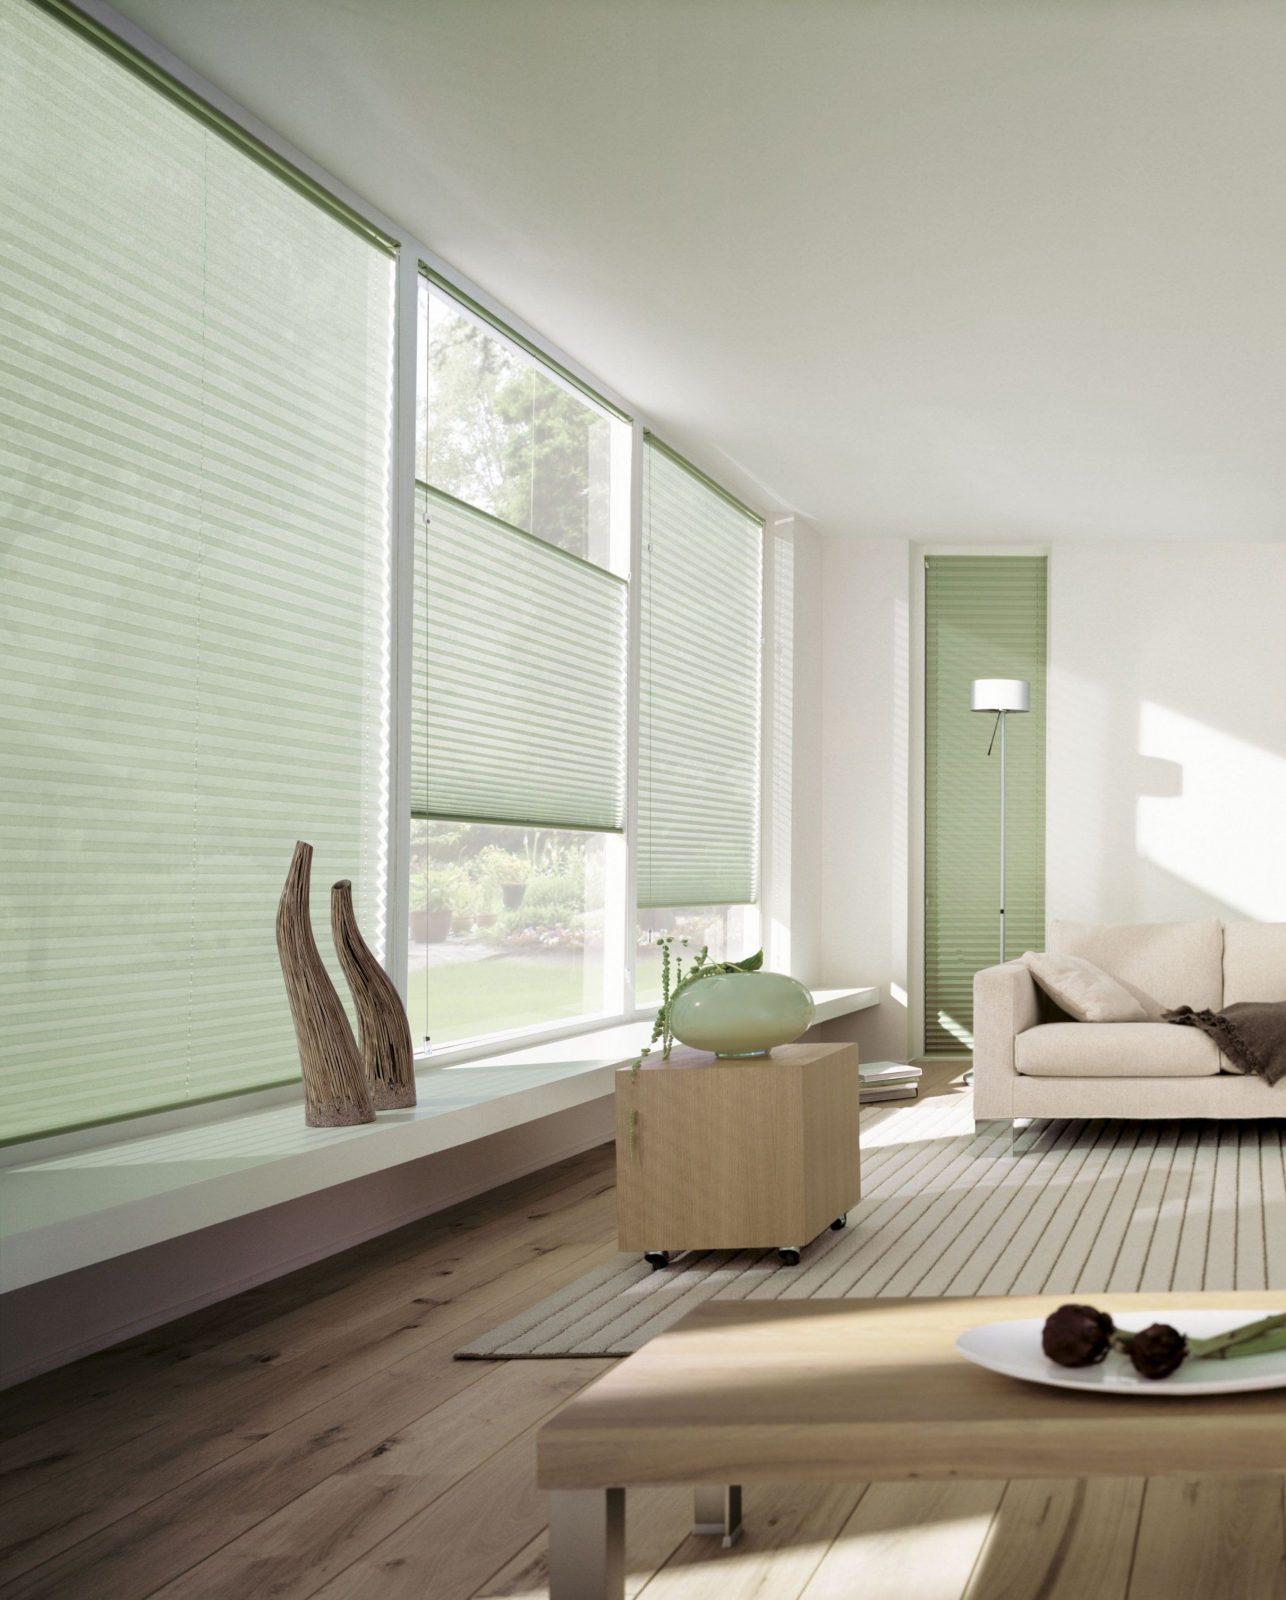 Spannende Plissee Bodentiefe Fenster Dekorativer Sonnenschutz Fã R von Plissee Für Bodentiefe Fenster Photo